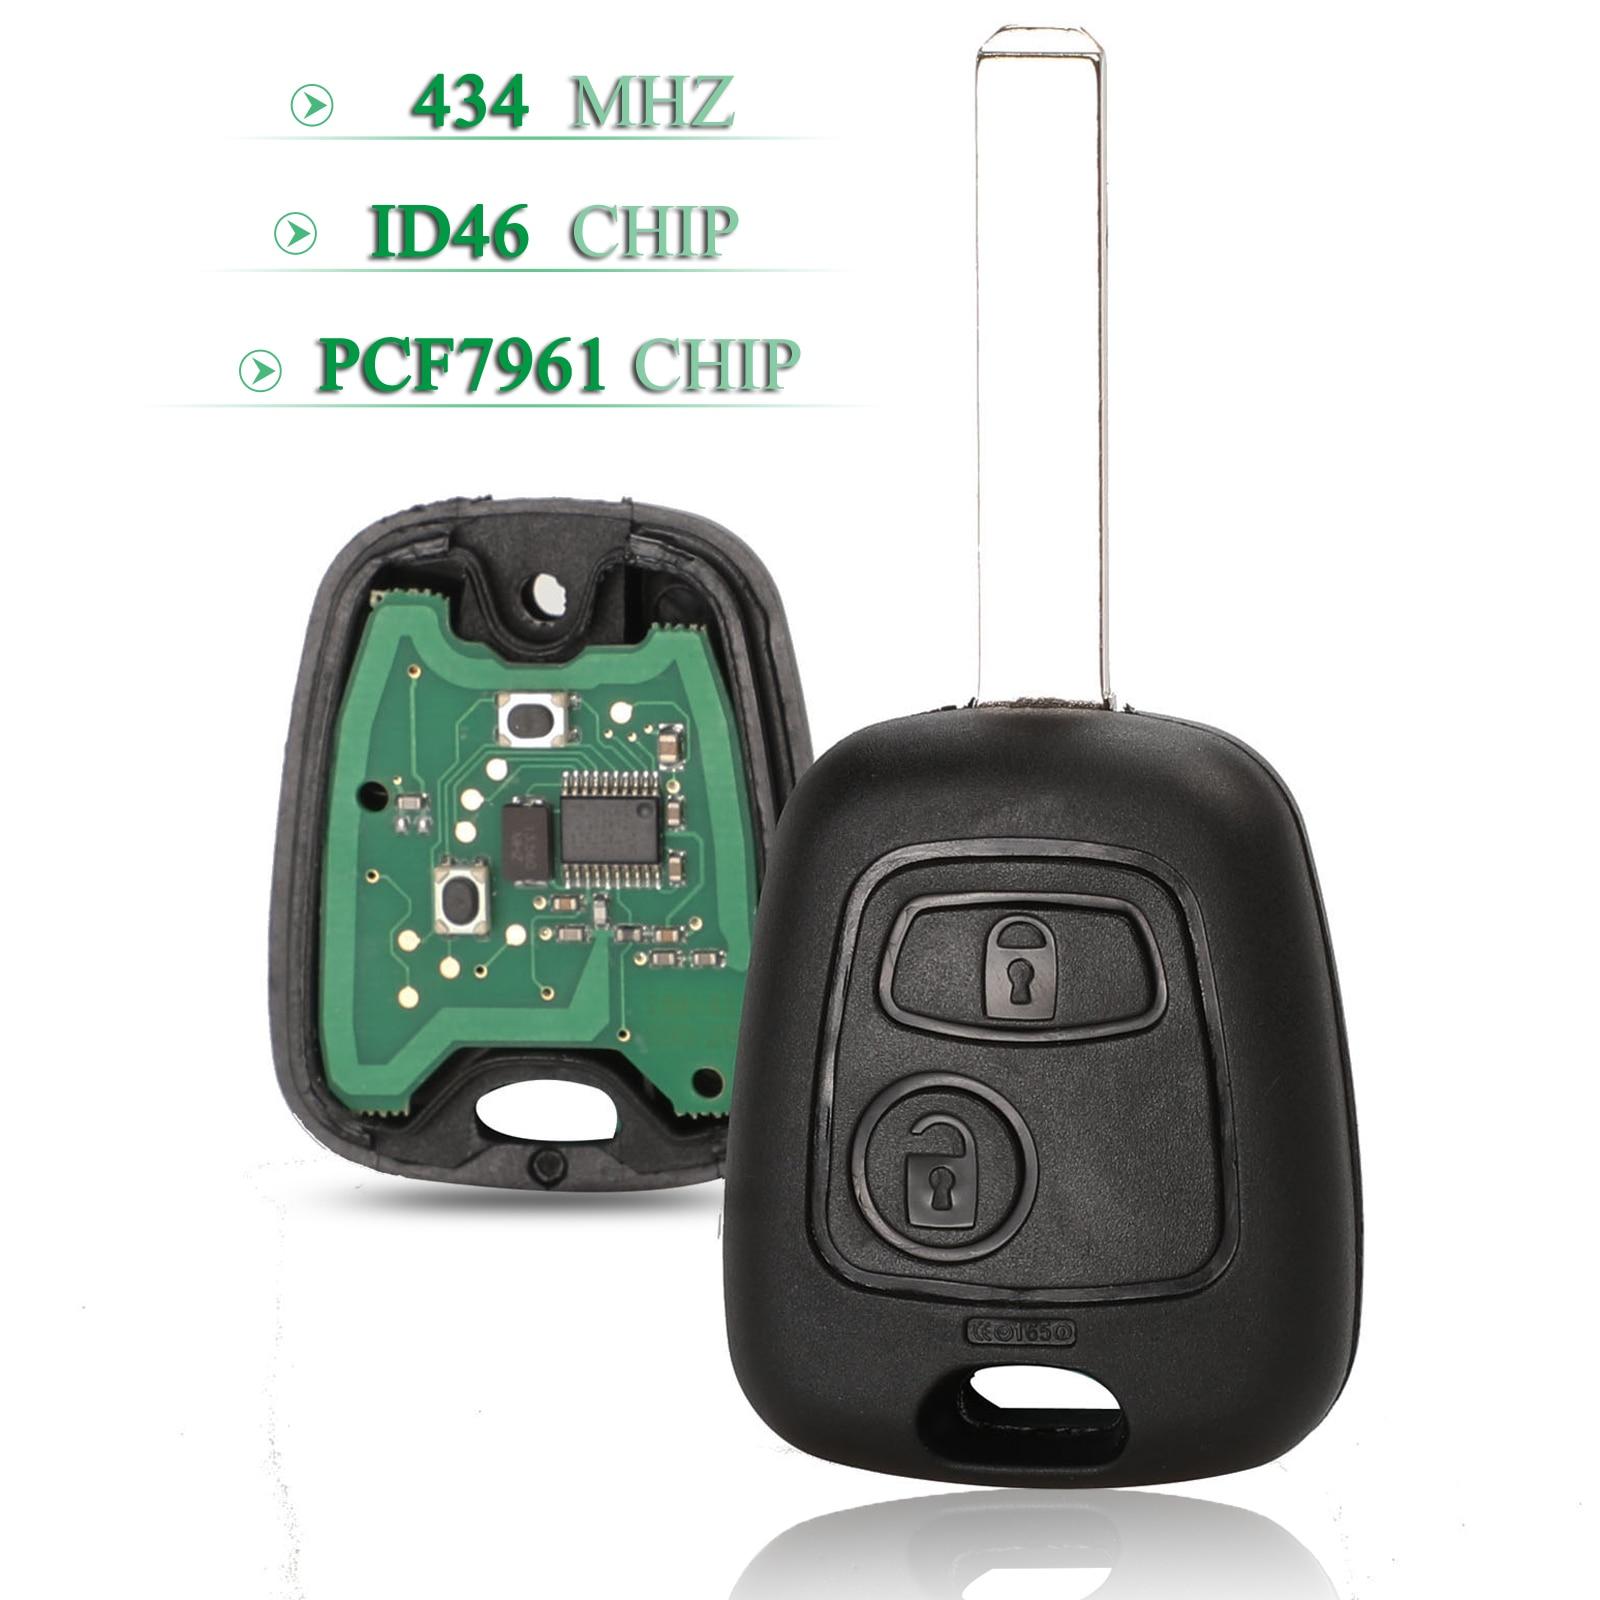 2 кнопки, 2 кнопки, 434 МГц, чип PCF7961, пульт дистанционного управления, Автомобильный ключ для Peugeot 206, 207, Citroen C2, C3 с VA2, запасной ключ